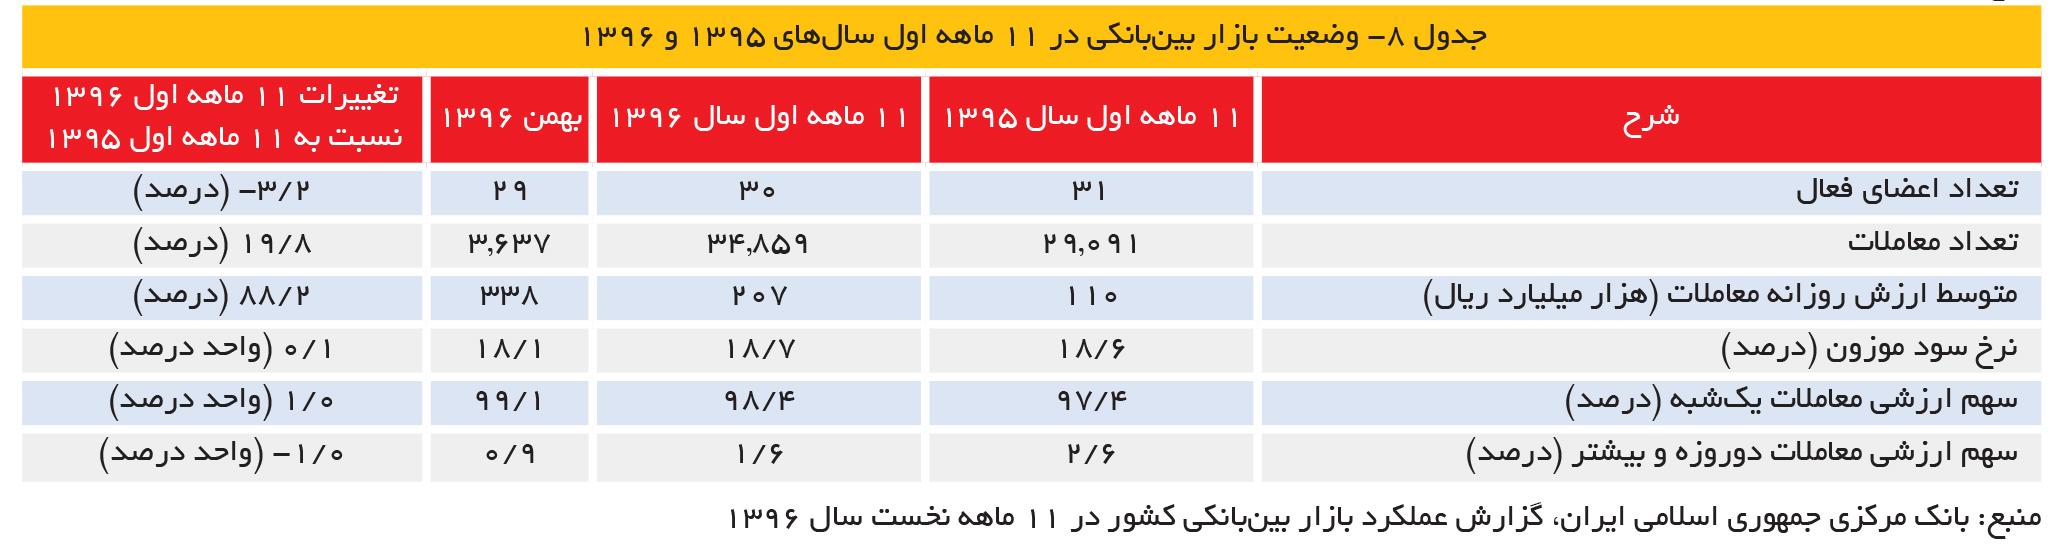 جدول 8- وضعیت بازار بینبانکی در 11 ماهه اول سالهای ۱۳۹۵ و ۱۳۹۶